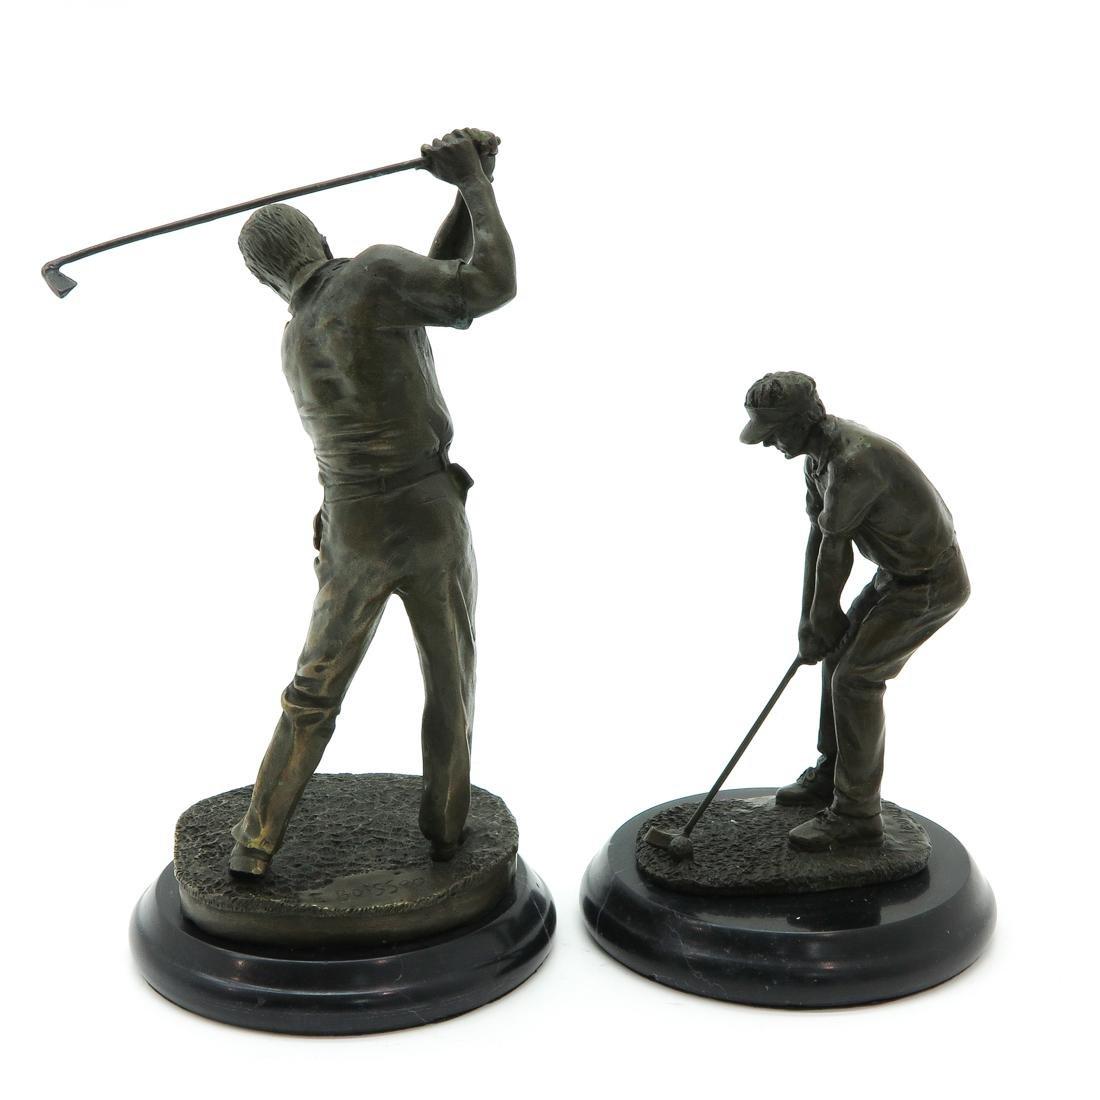 Lot of 2 Bronze Sculptures Depicting Golfers - 3